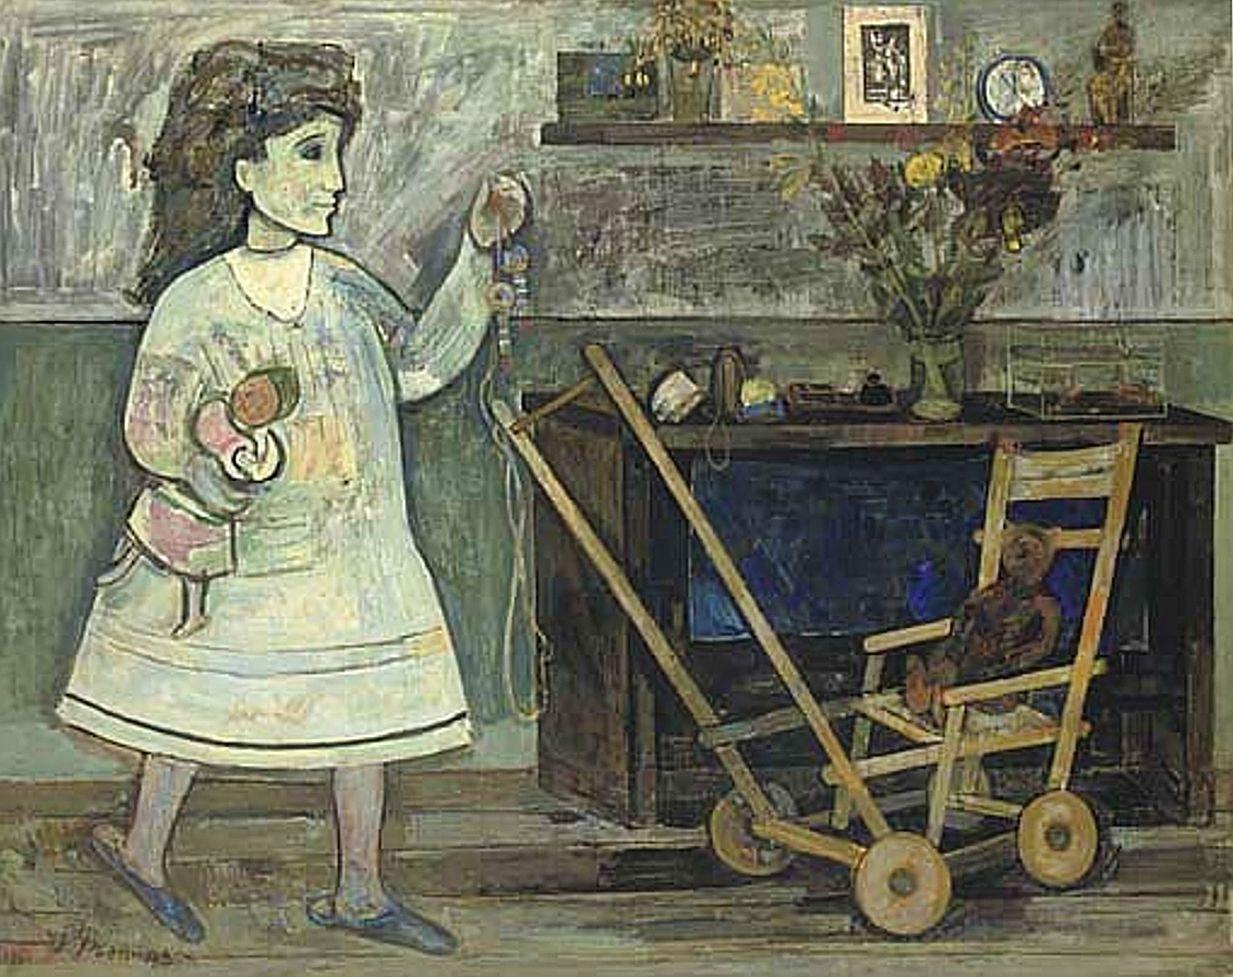 Жозеф Прессман. Орелі з візочком, 1951; олія, полотно